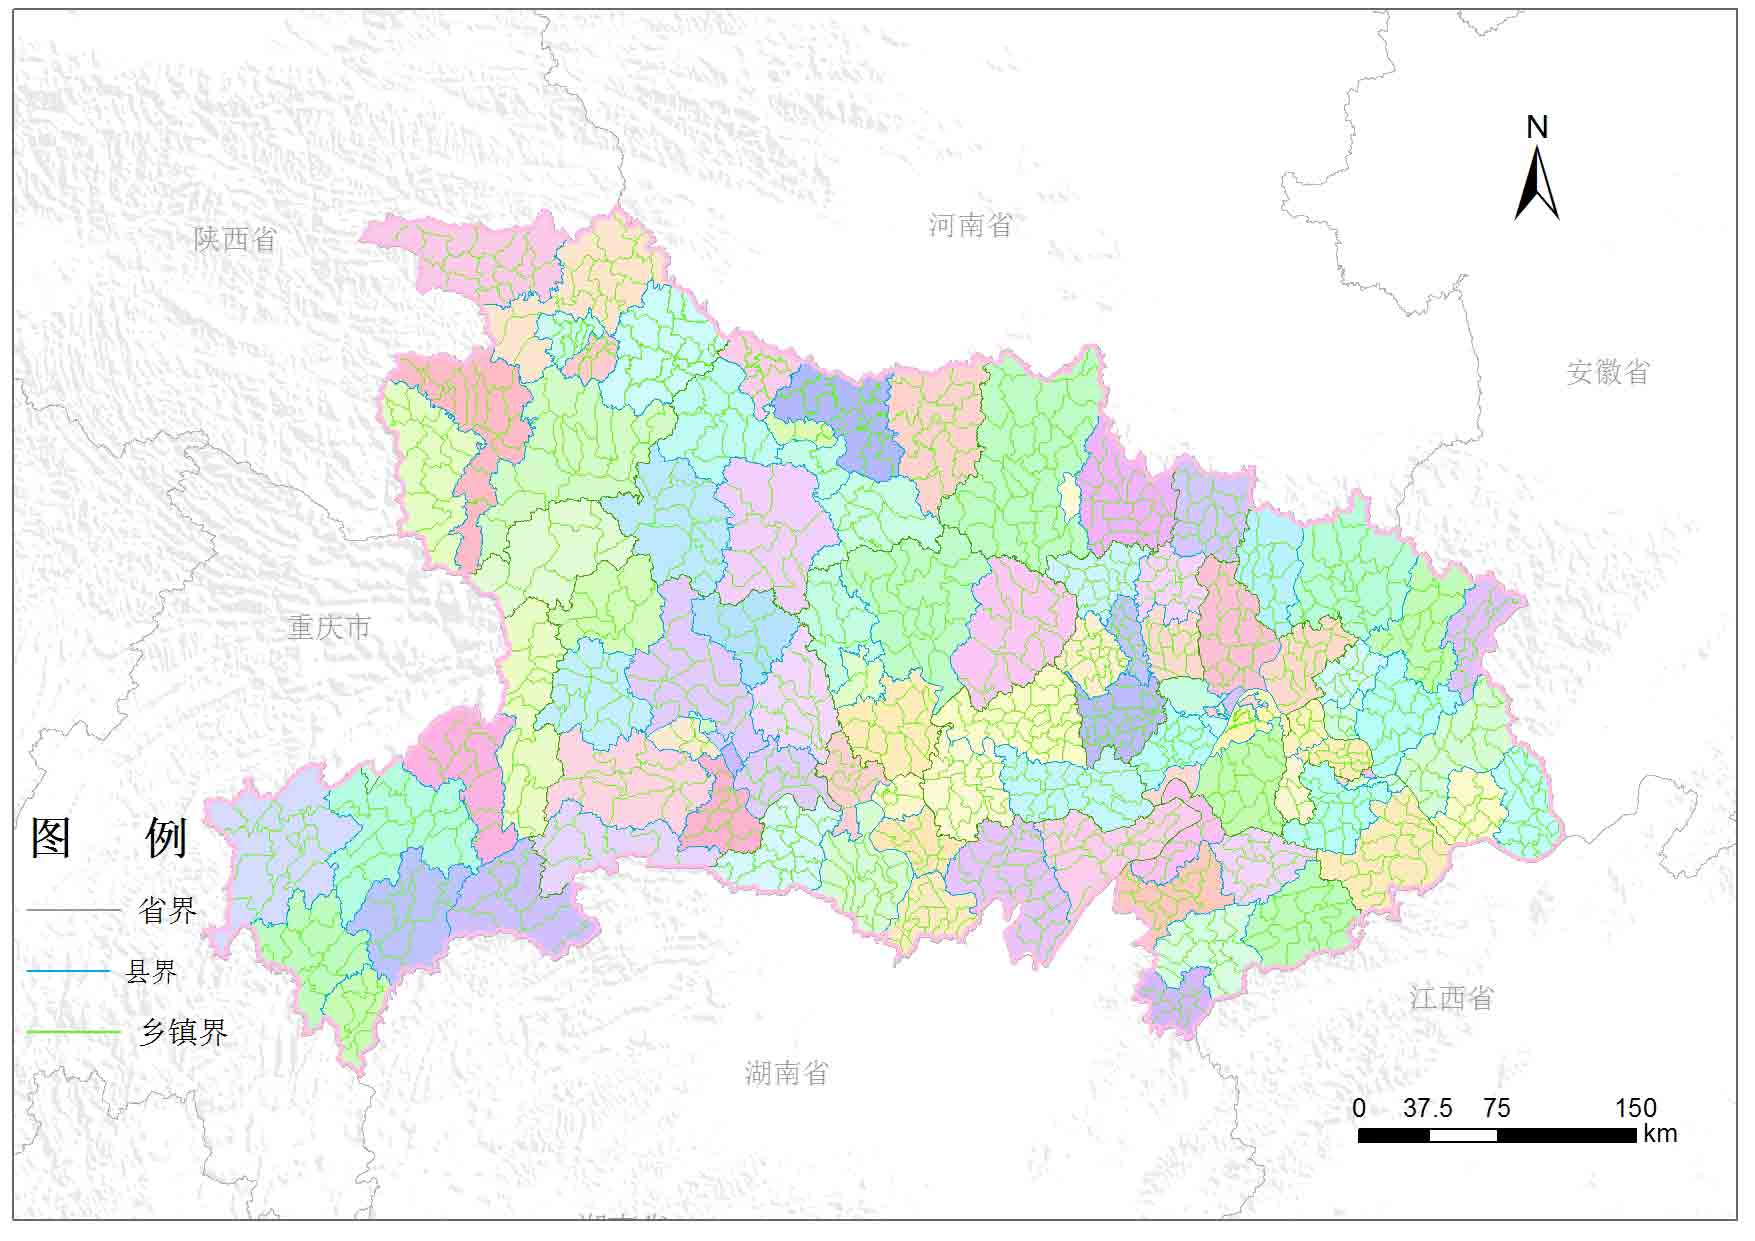 湖北省乡镇行政区划-地图数据-地理国情监测云平台